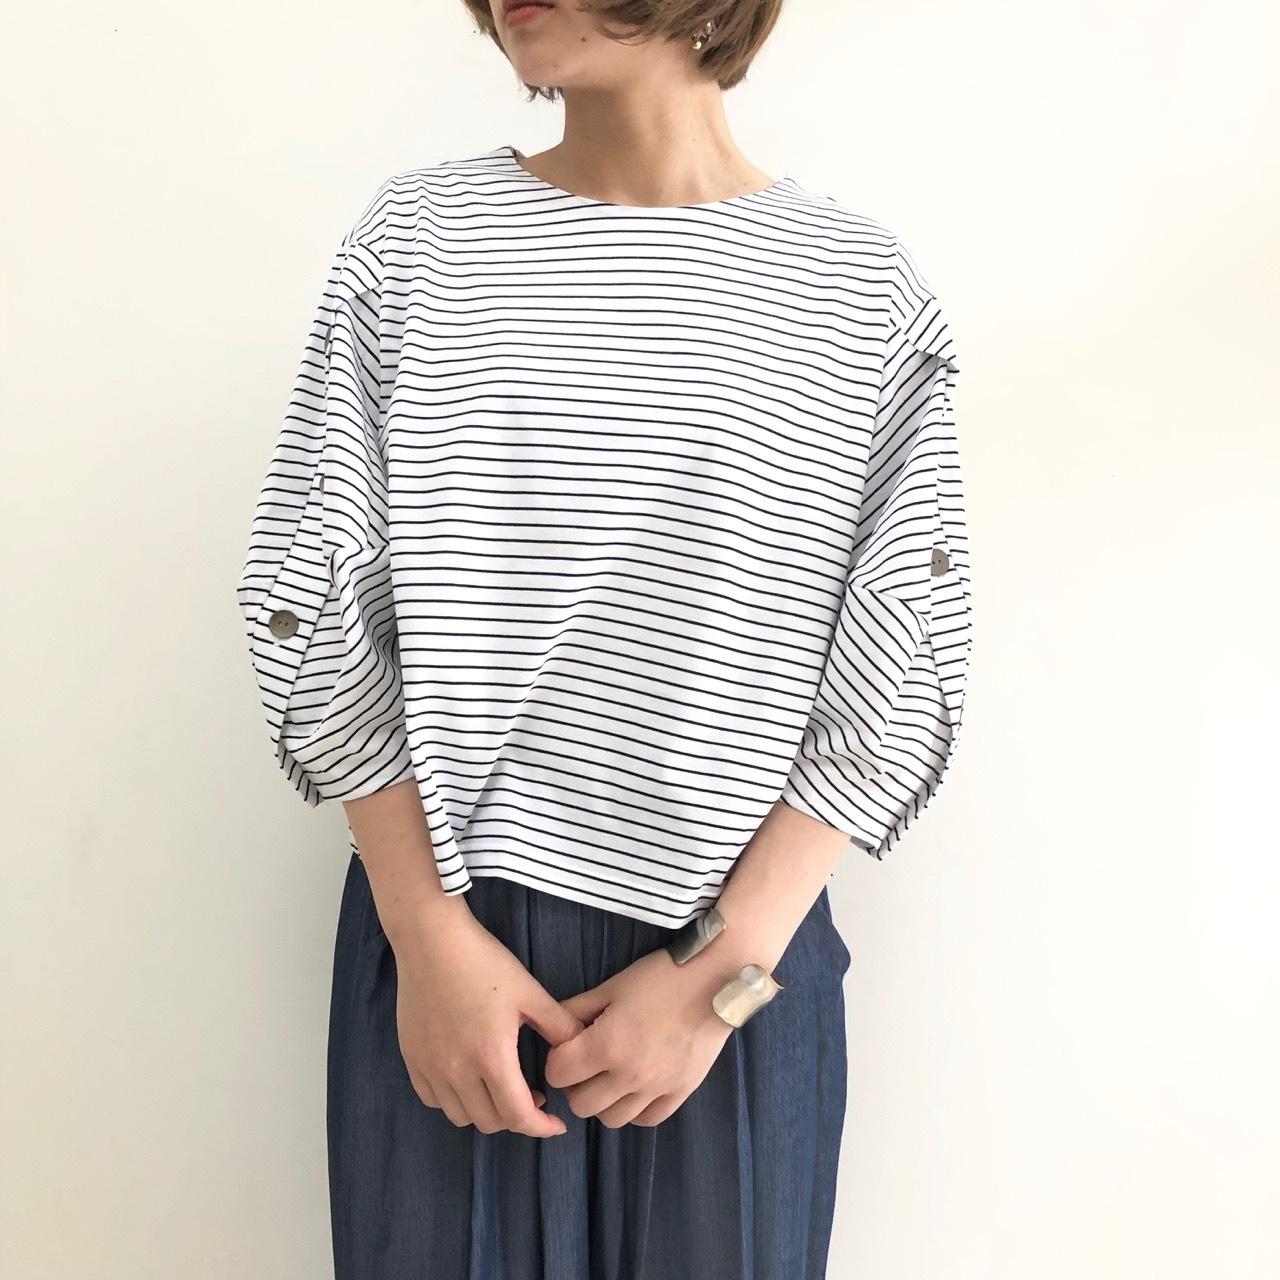 【 CYINICAL 】- 910-95556 - ボーダーボタンTeeシャツ